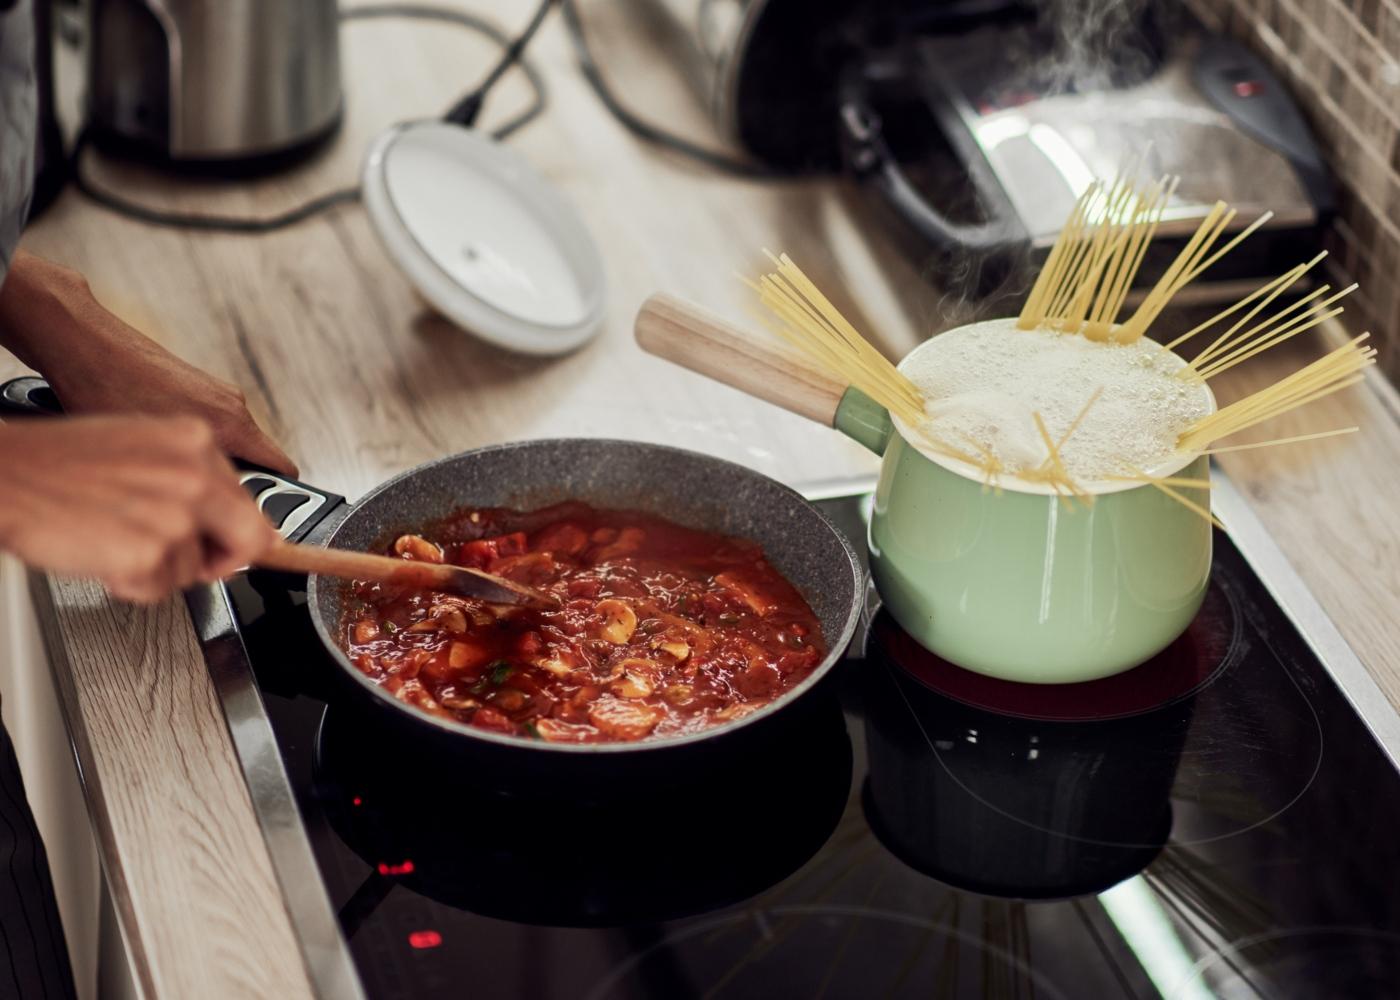 Cozinhar de forma segura: mulher a cozinhar alimentos à temperatura certa